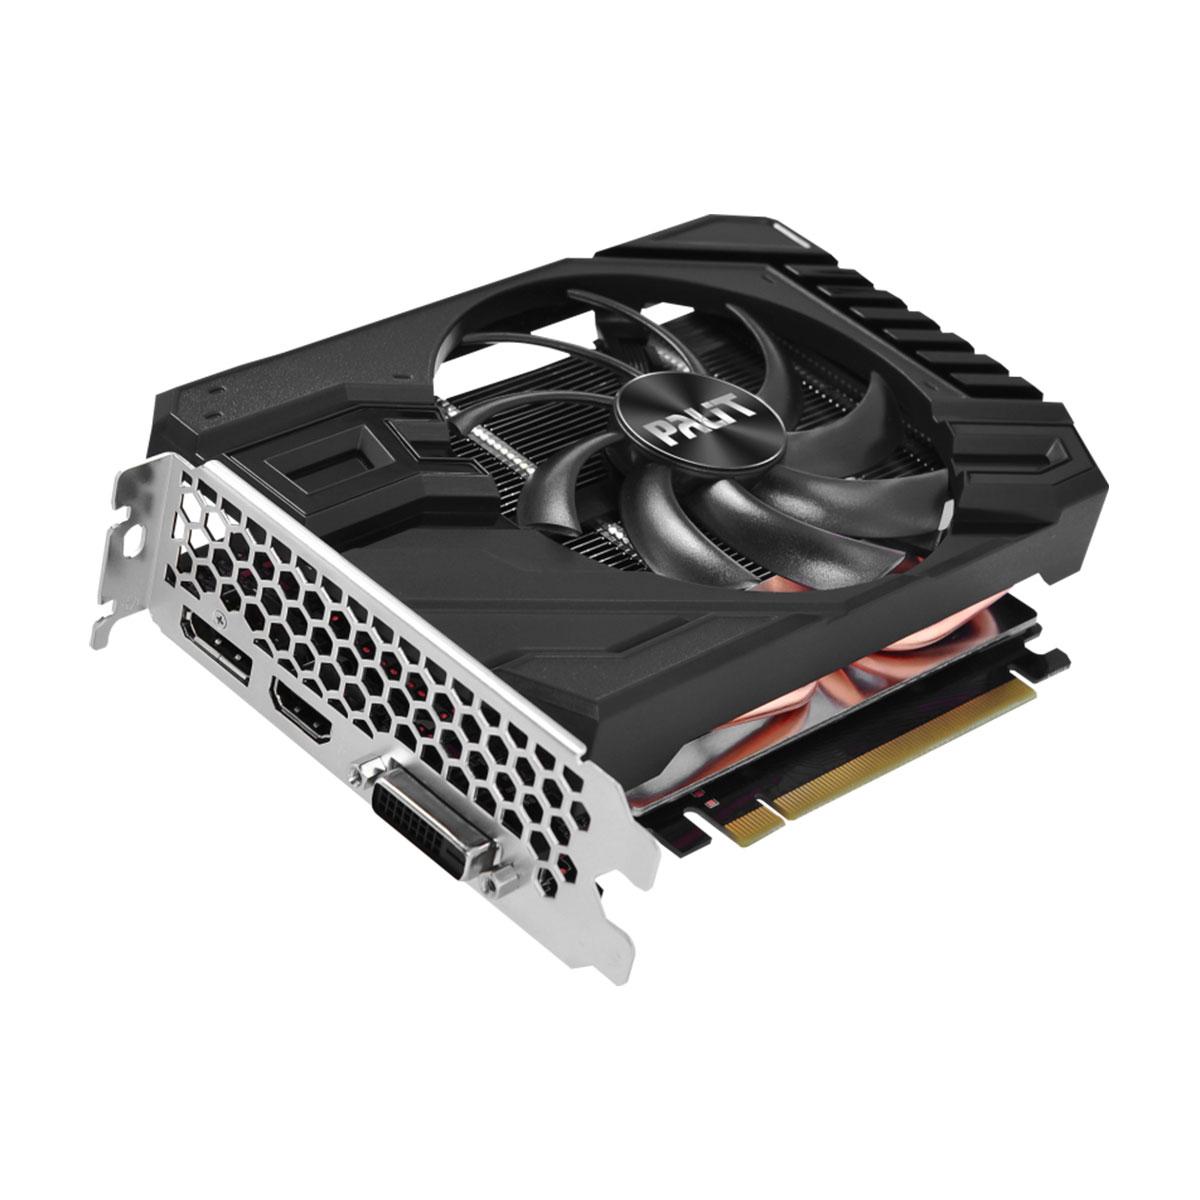 Placa de Vídeo Palit GeForce GTX 1660 Super StormX, 6GB, GDDR6, 192 Bits - NE6166S018J9-161F